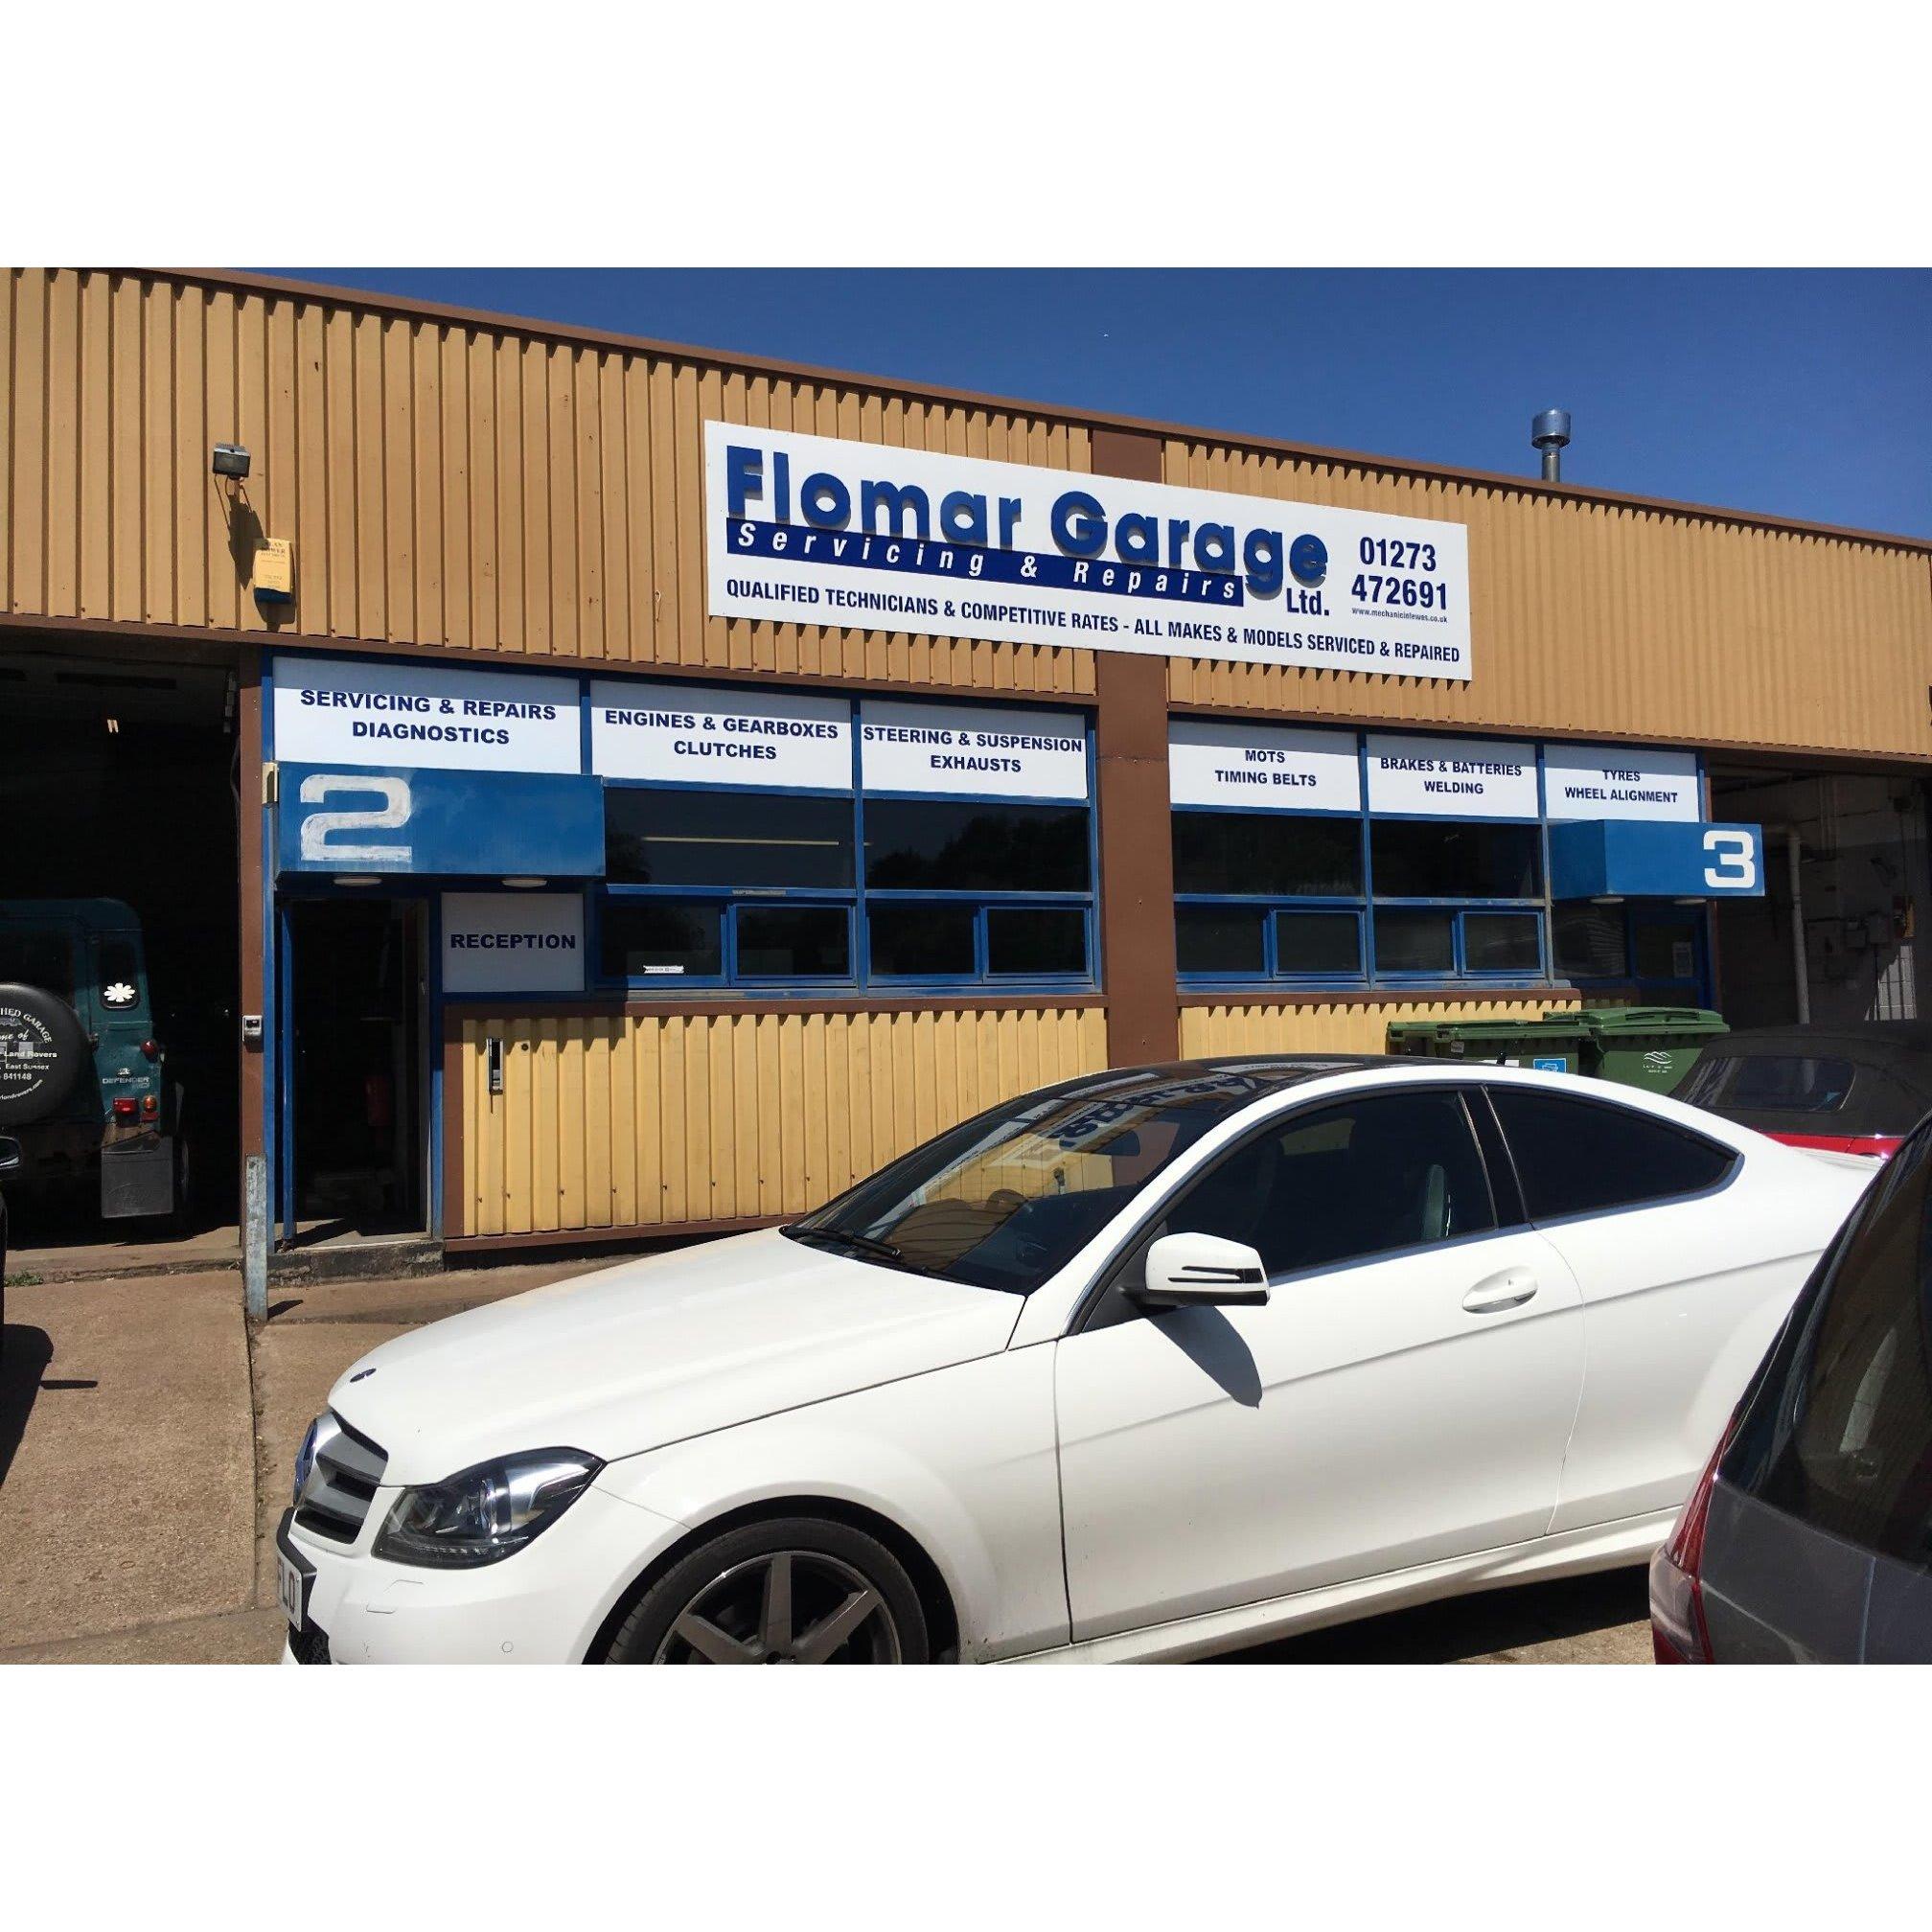 Flomar Garage Ltd  Motor Vehicle Mechanics In Lewes Bn7. Half Door Window Curtains. Garage Door Open Detector. Rw Garage Doors. Precision Garage Door Service. Diamond Garage Doors. Door Manufacturers. Garage Door Repair Louisville Ky. Capping Garage Door Frame